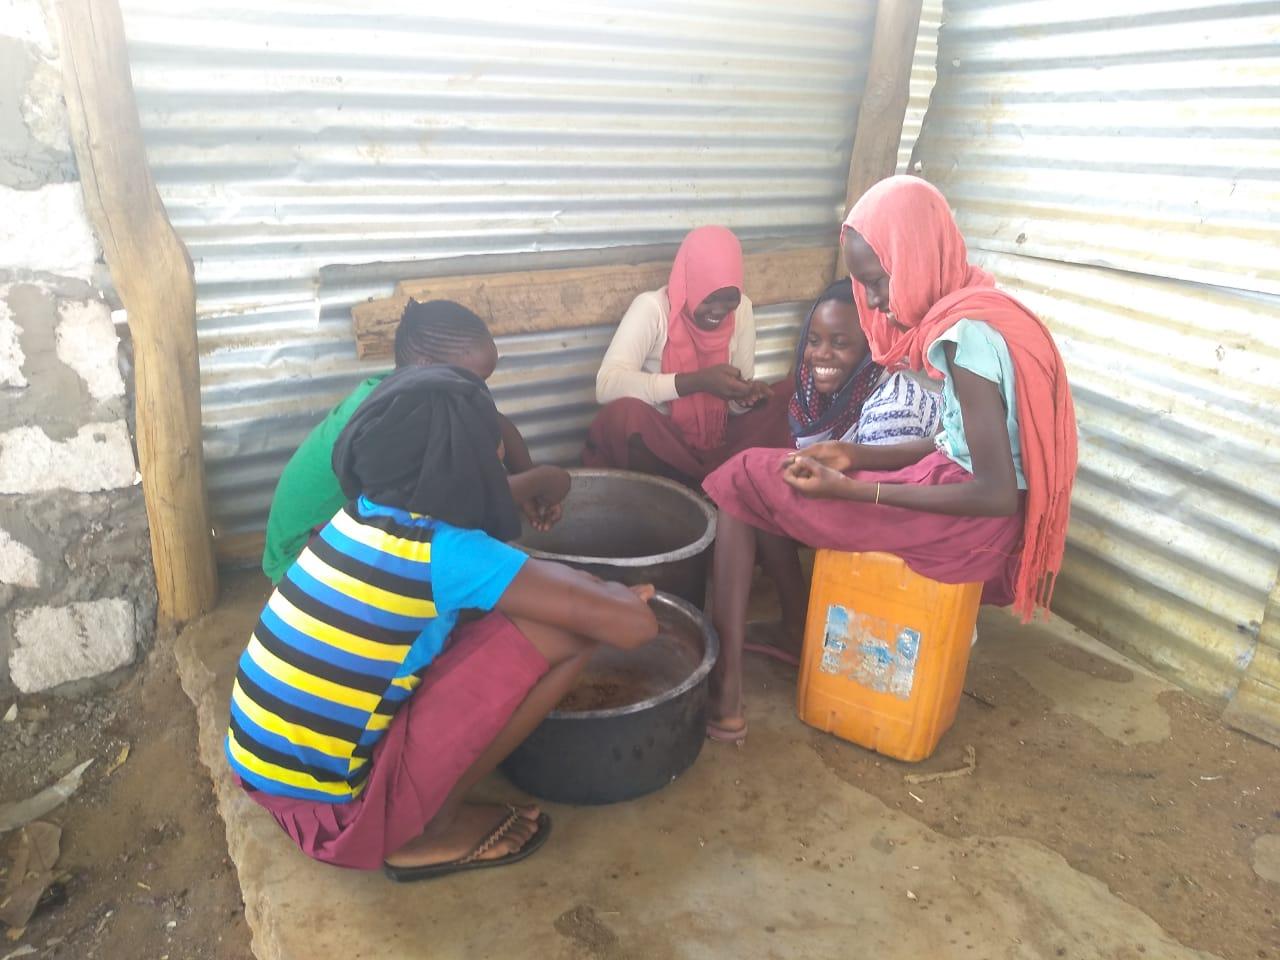 Die Verfügbarkeit von Wasser ermöglich die Verpflegung der Schüler in der Schule